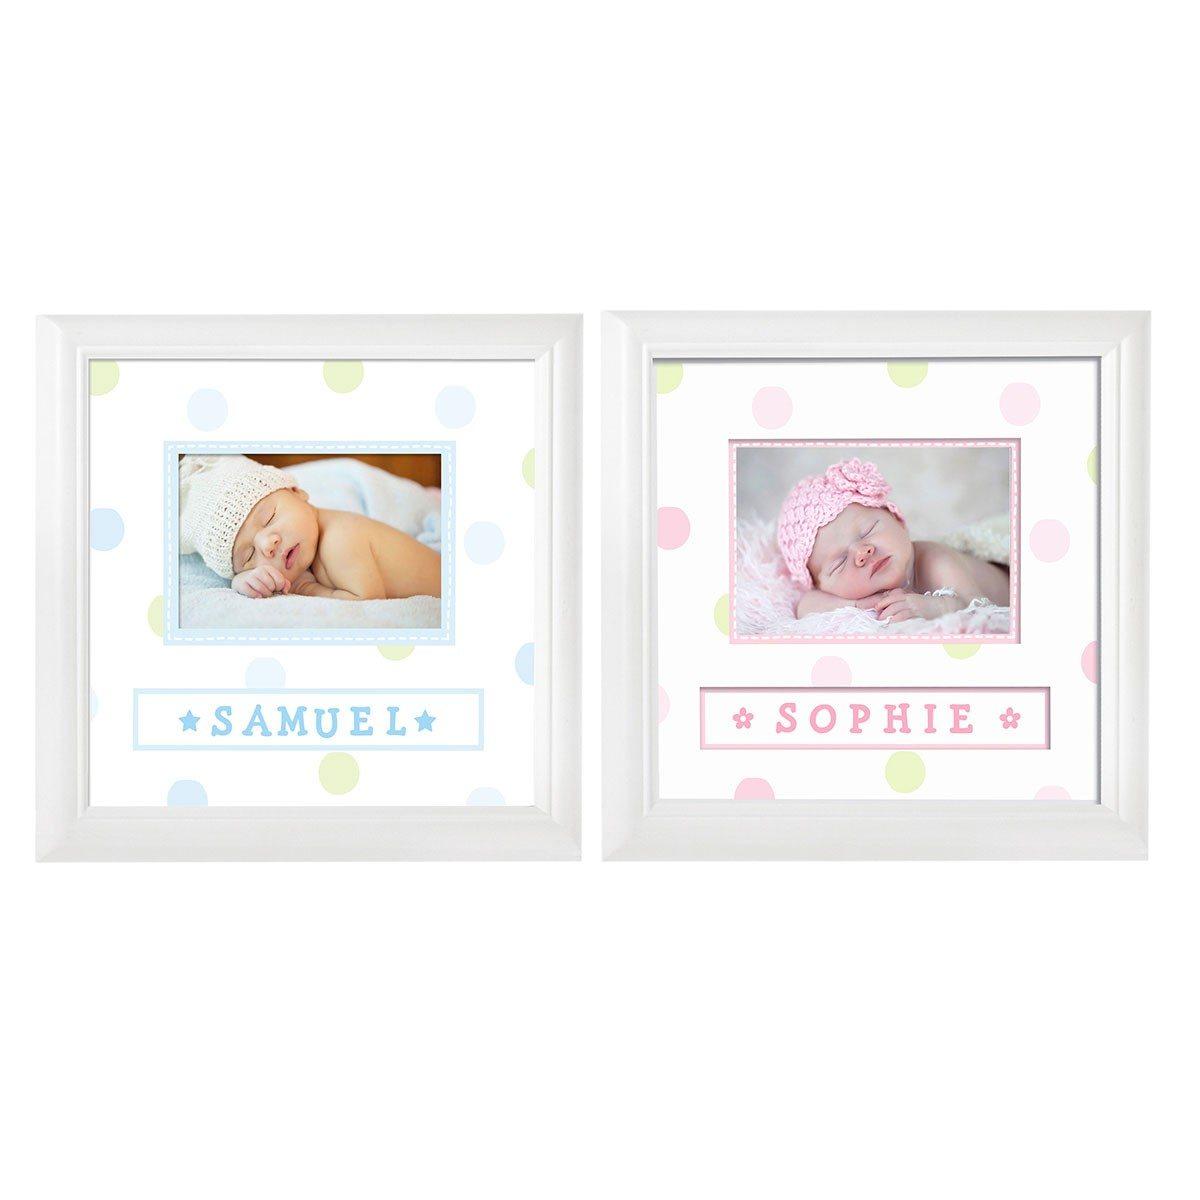 Baby fotolijstje met naamsticker